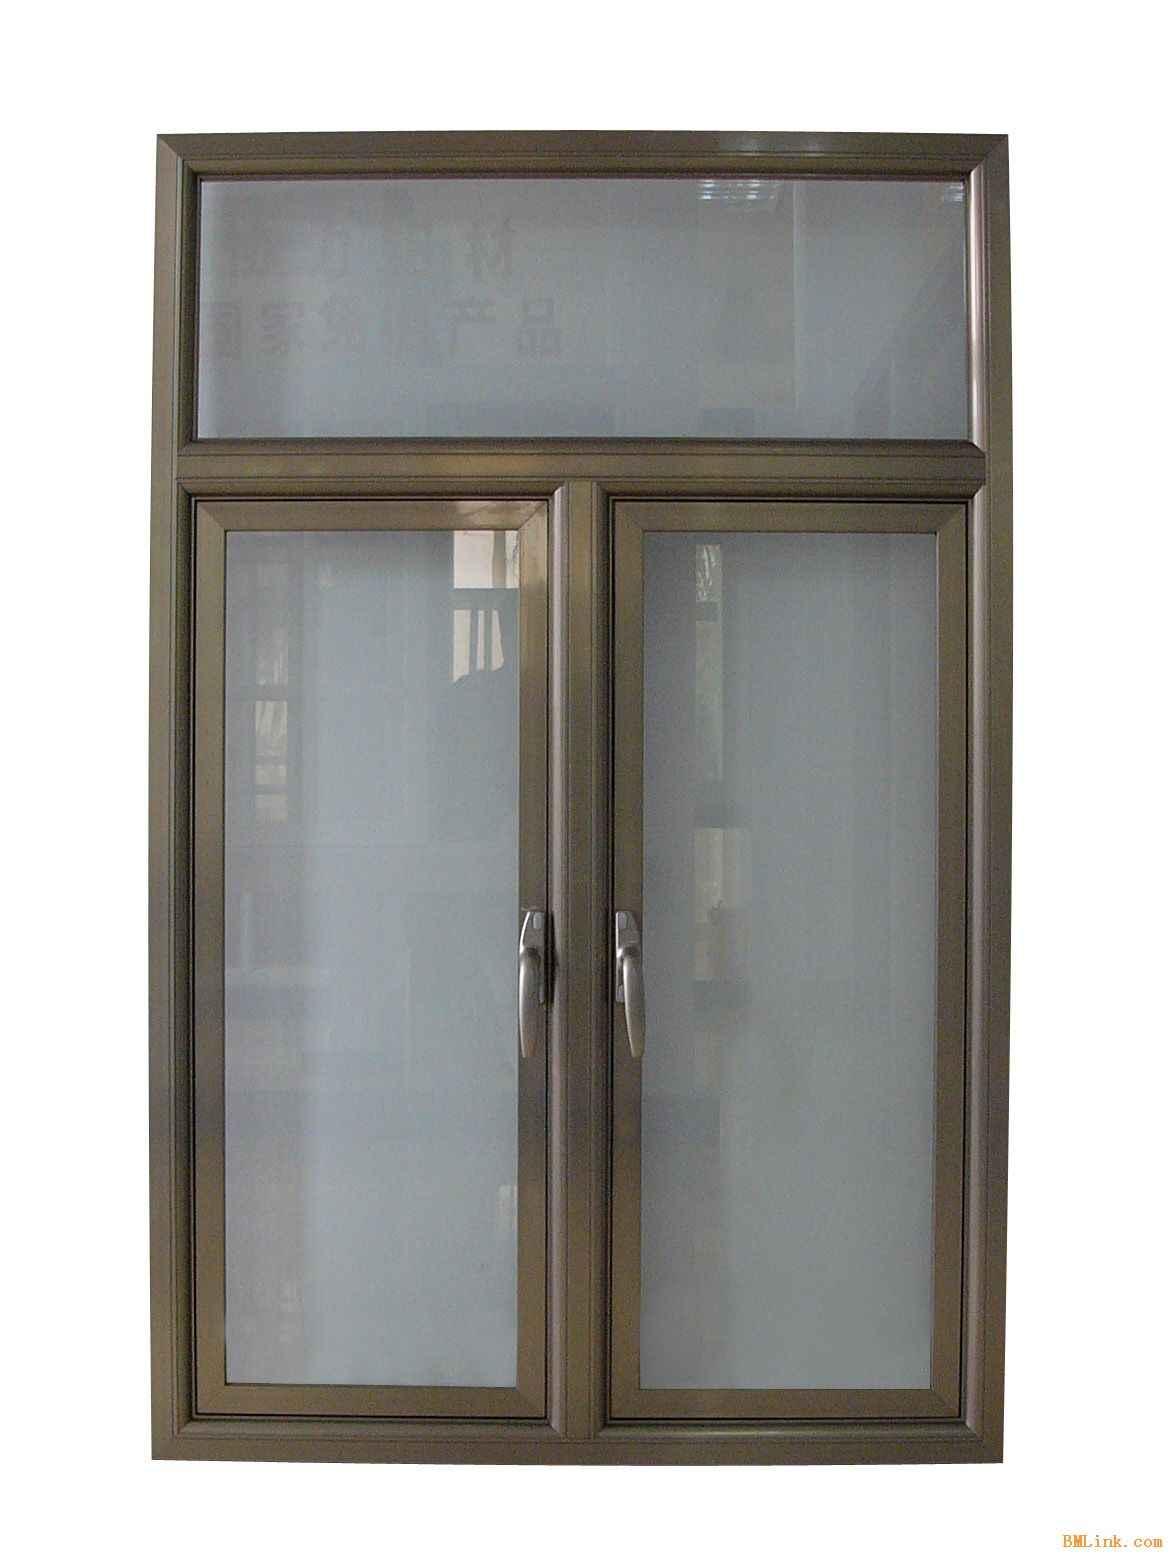 Aluminum Frech Swing Double Window